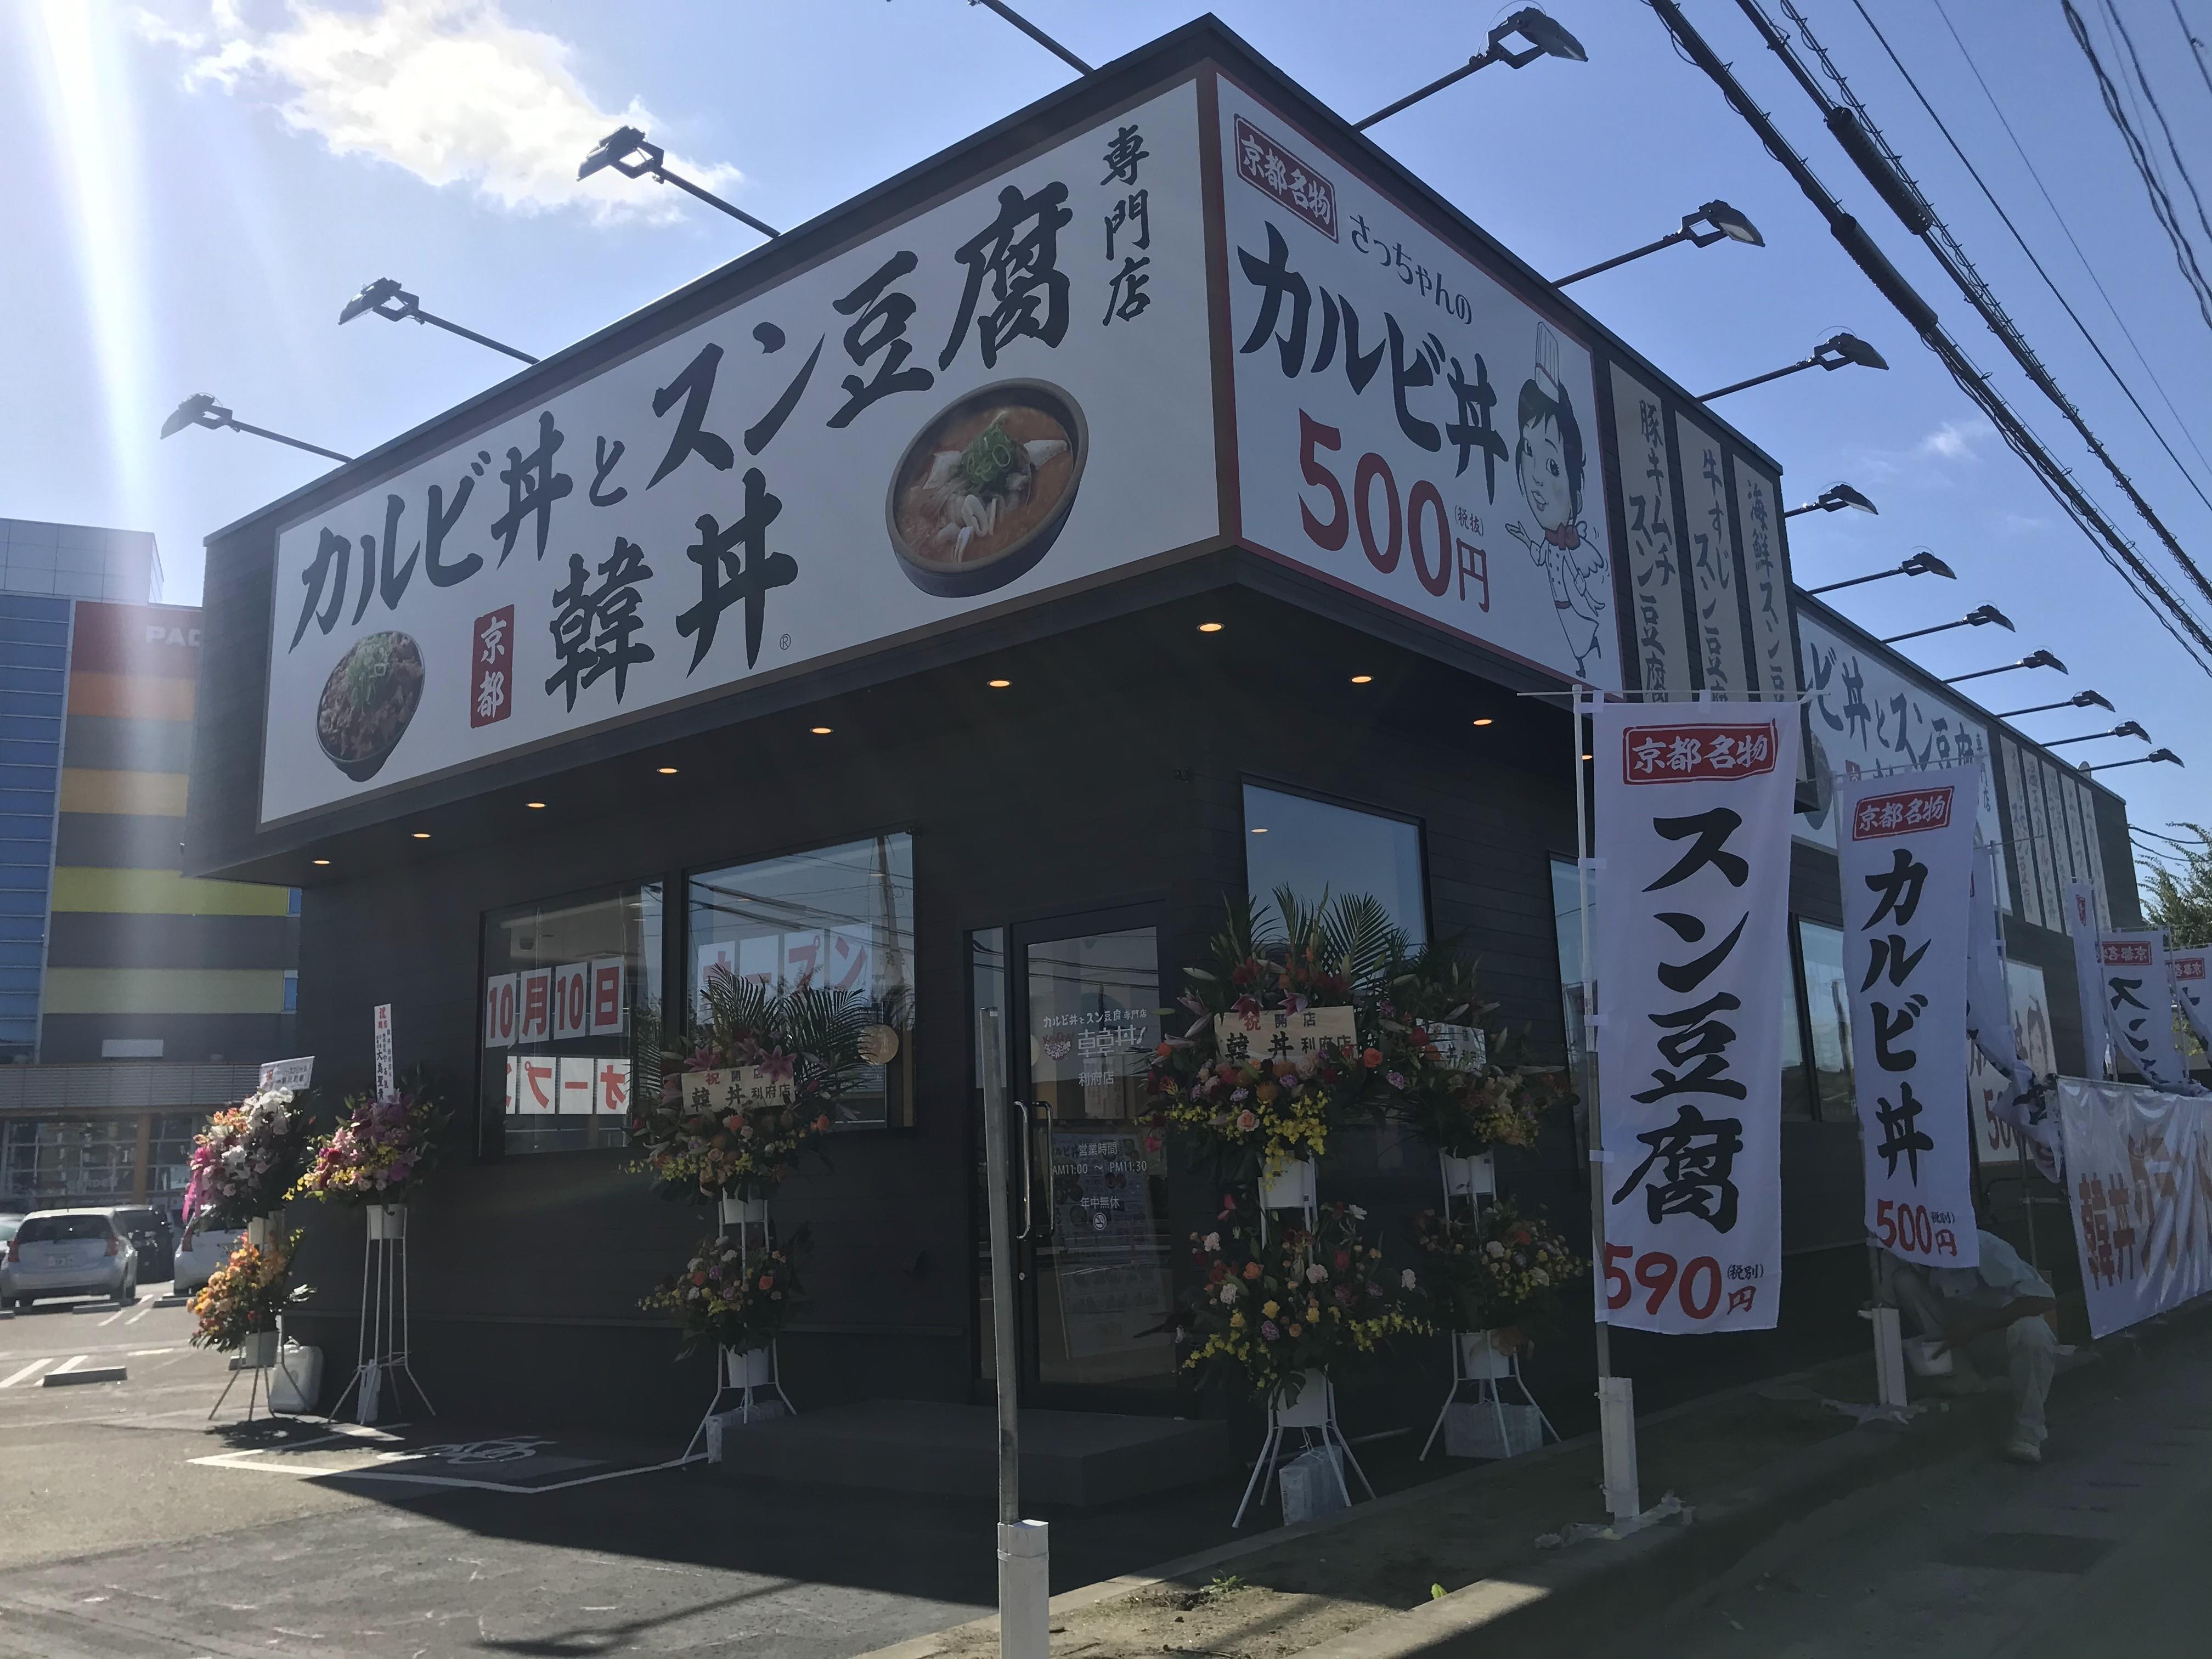 韓丼 利府店外観